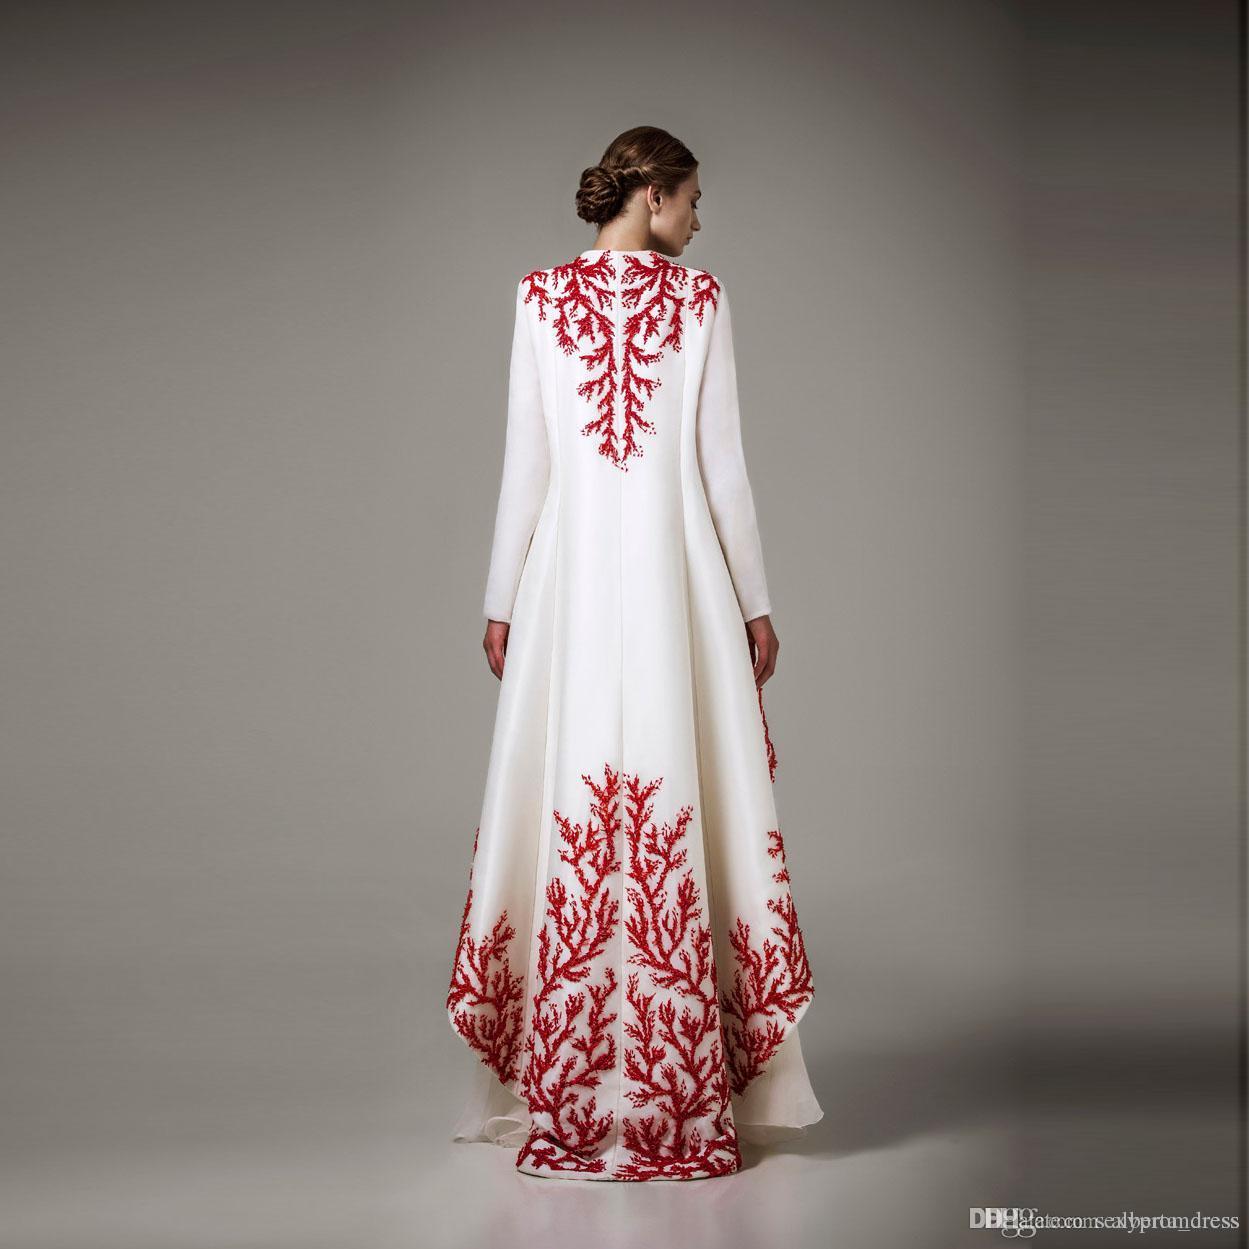 Eleganti abiti da sera bianca e rossa Abiti da sera Ashi Studio Manica lunga A Line Prom Dresses Formal Wear Women Cape Party Abiti da festa Solo cappotto